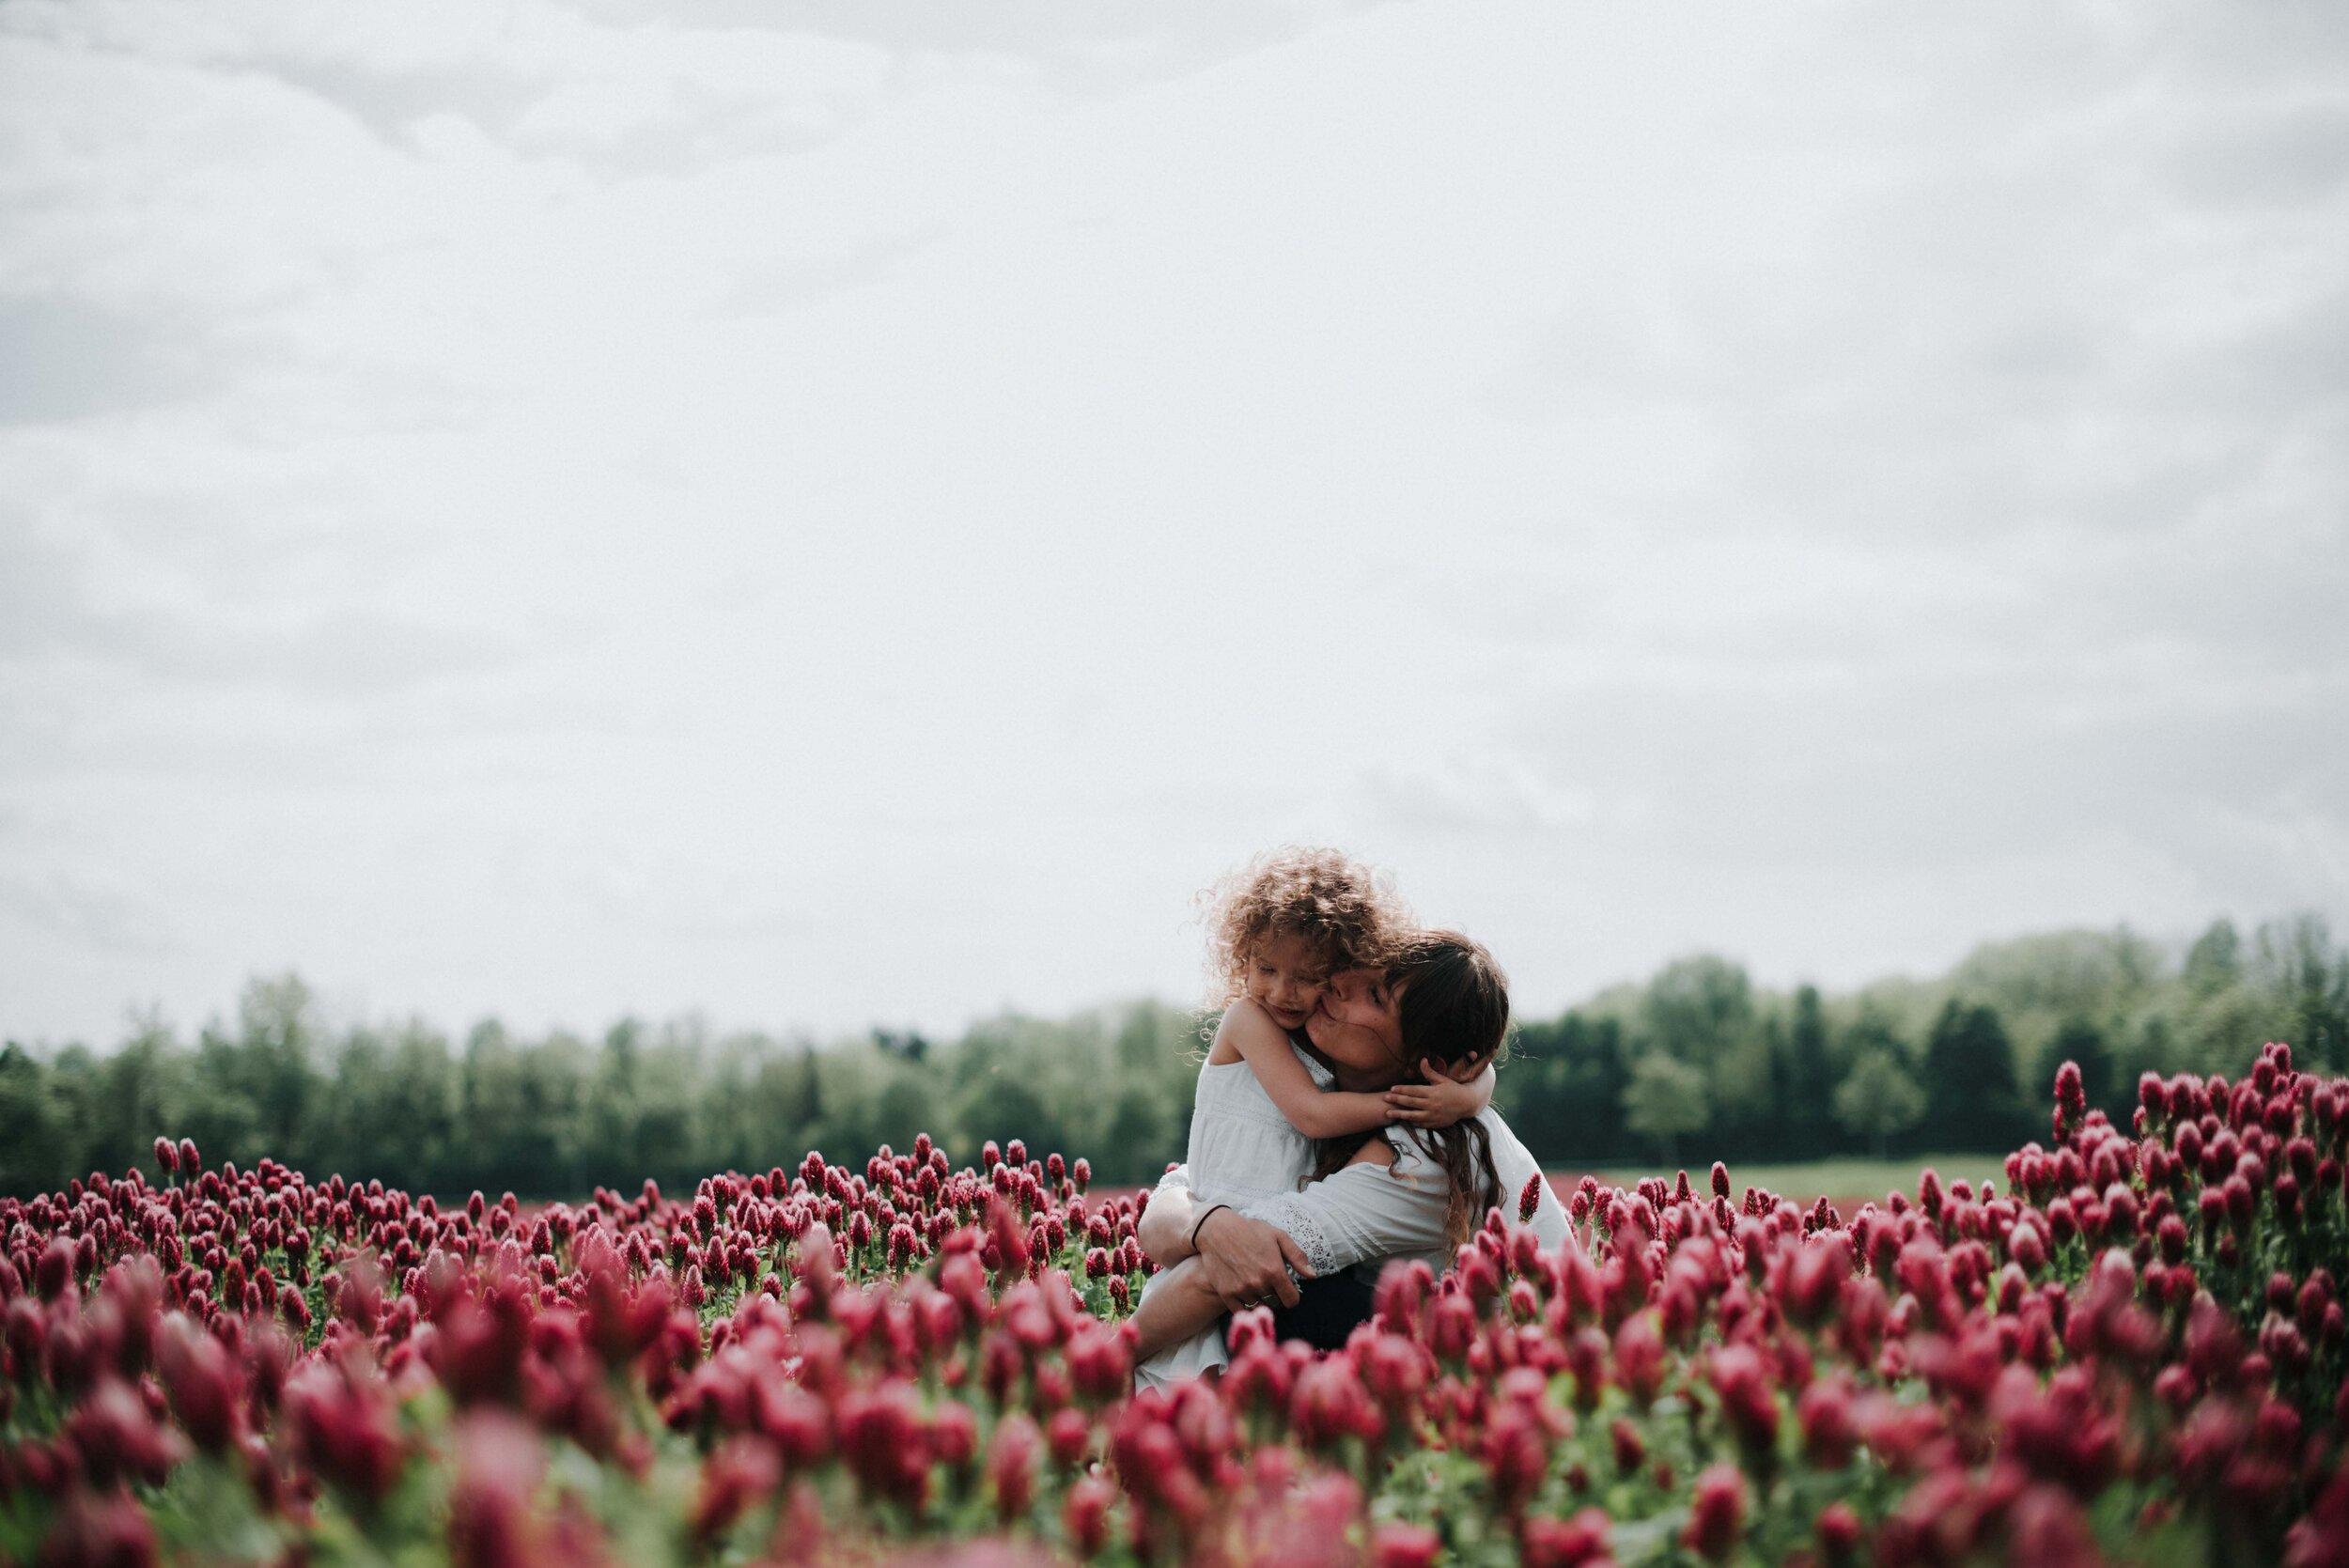 Léa-Fery-photographe-professionnel-lyon-rhone-alpes-portrait-creation-mariage-evenement-evenementiel-famille-5096-2.jpg